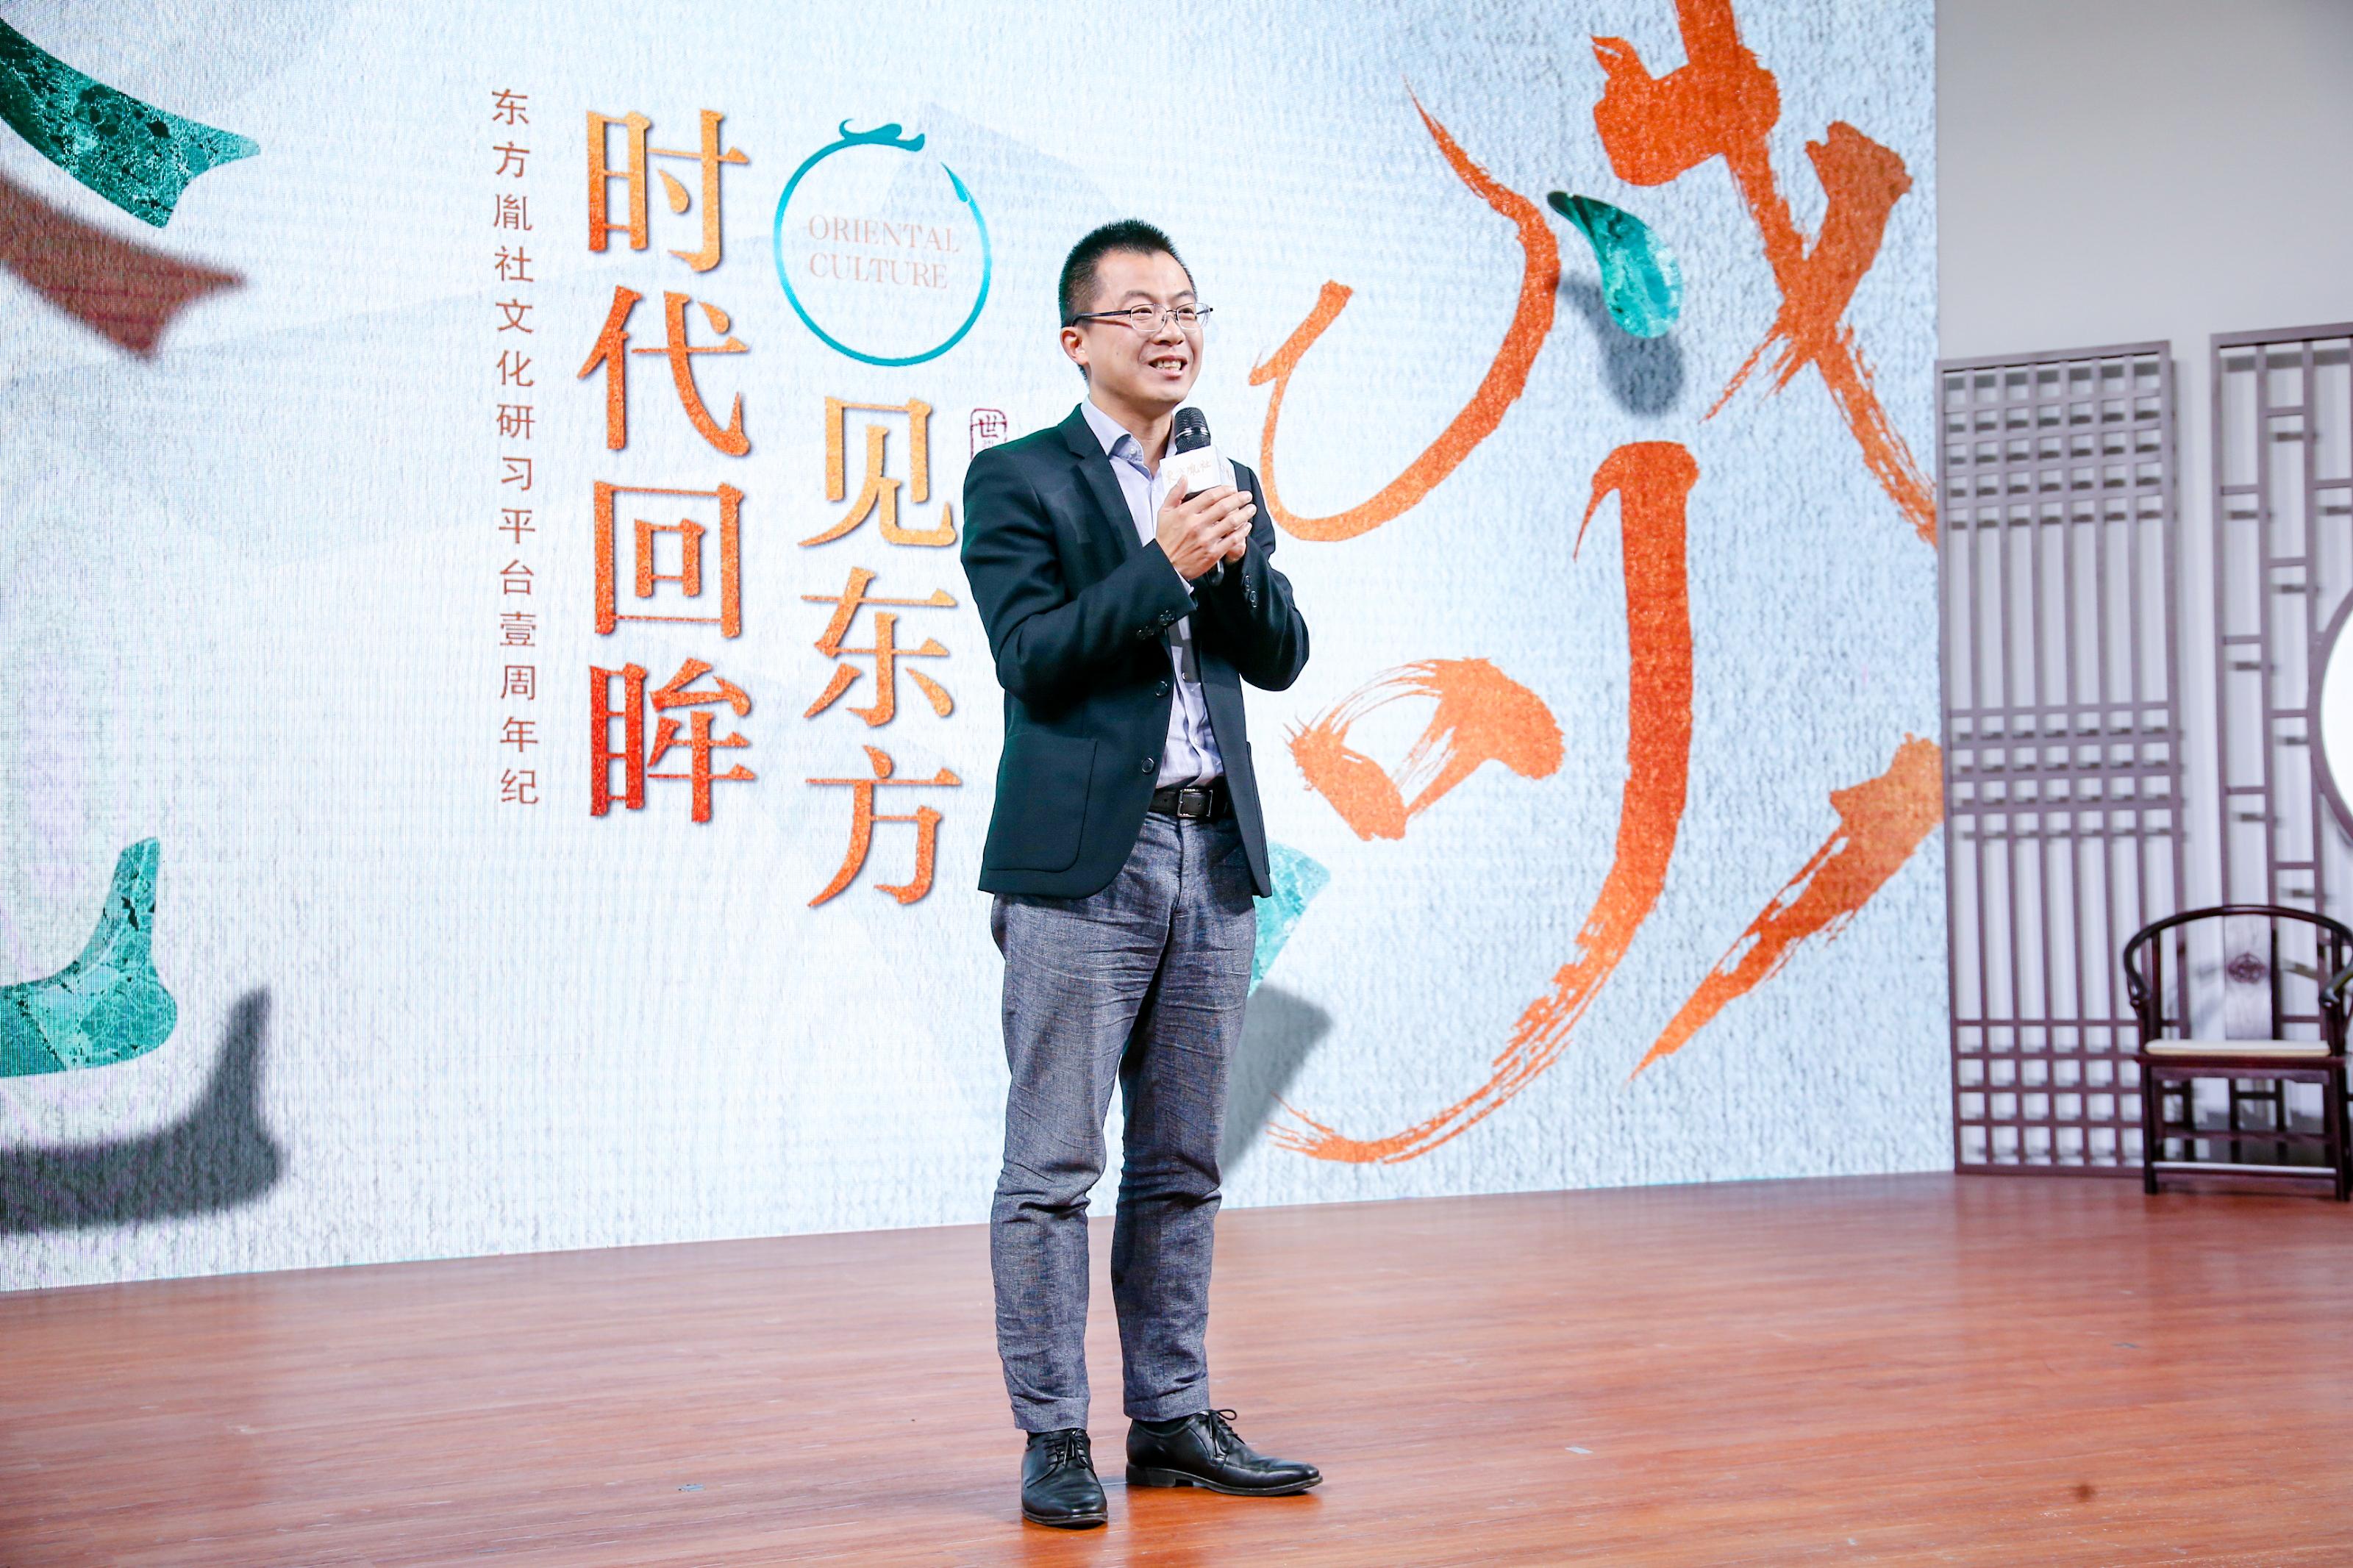 蒋立丰:将中国传统文化更纯粹地传承下去